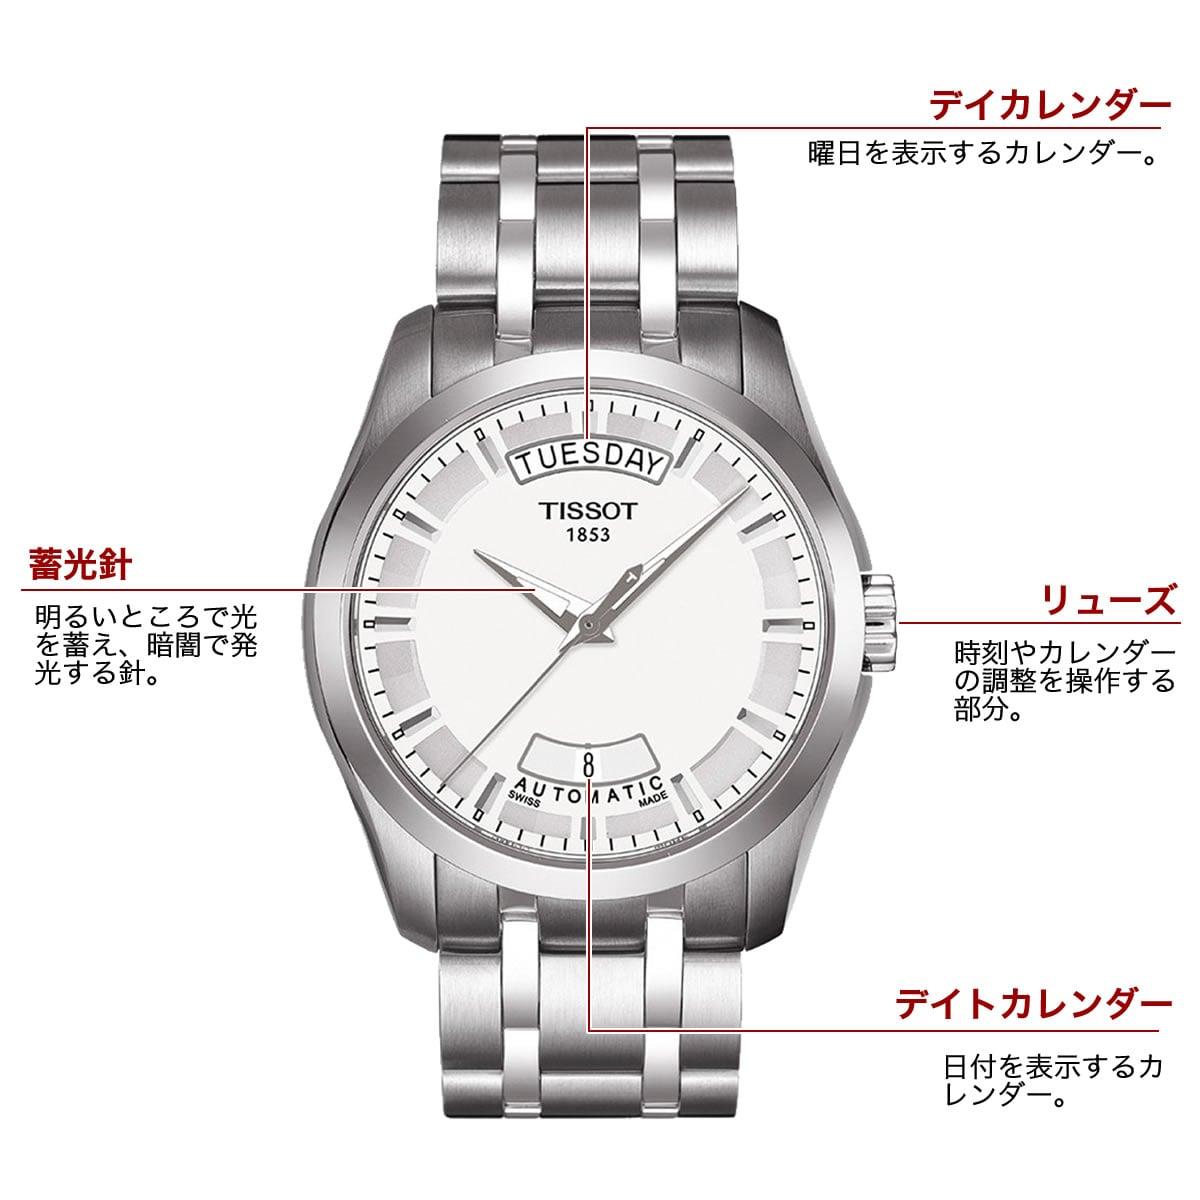 ティソ 自動巻き 男性用腕時計t0354071103100